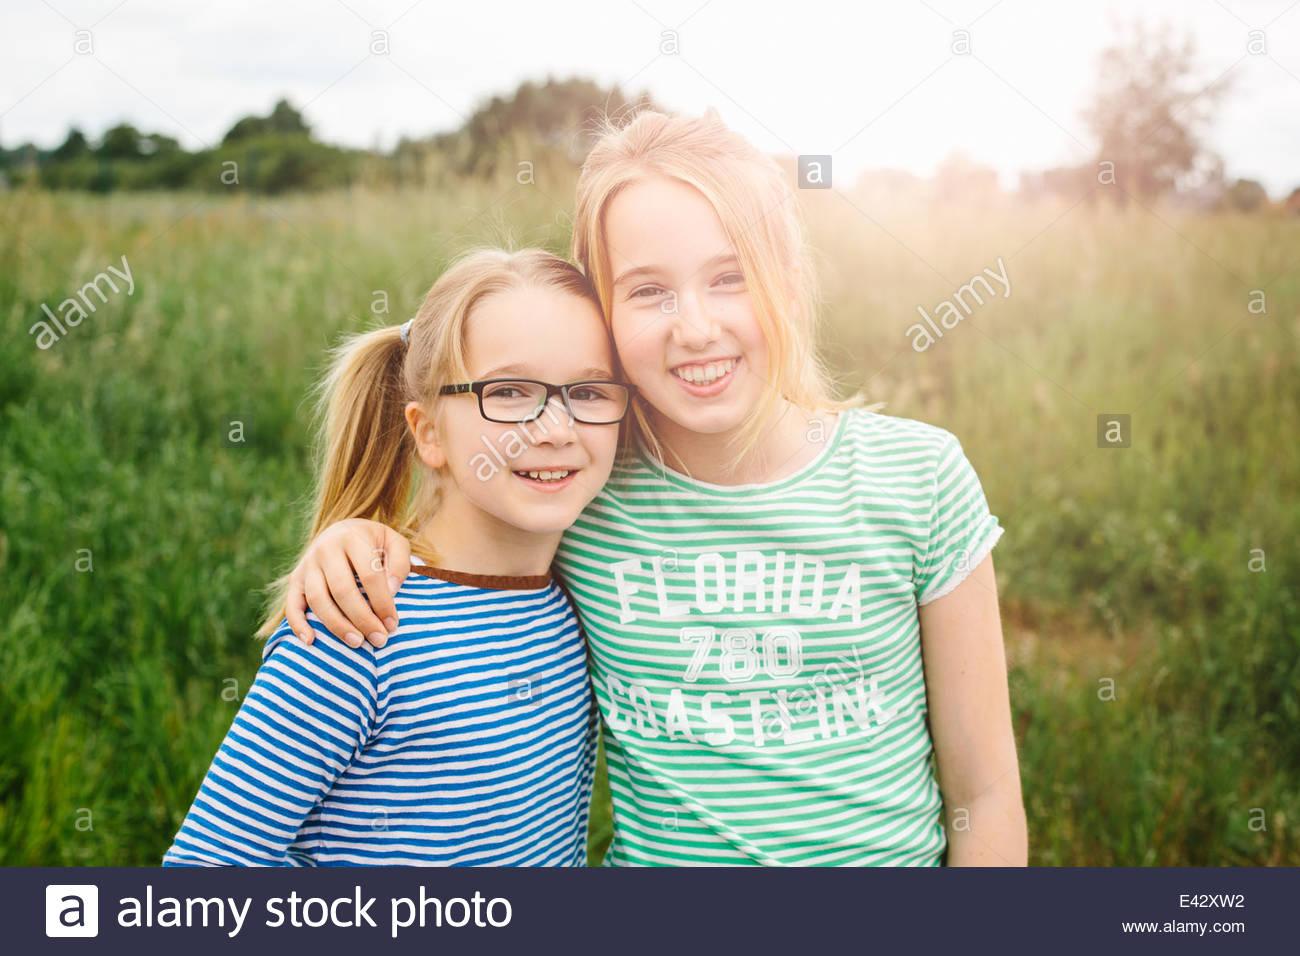 Porträt von elf Jahre altes Mädchen umarmt Schwester im Feld Stockbild